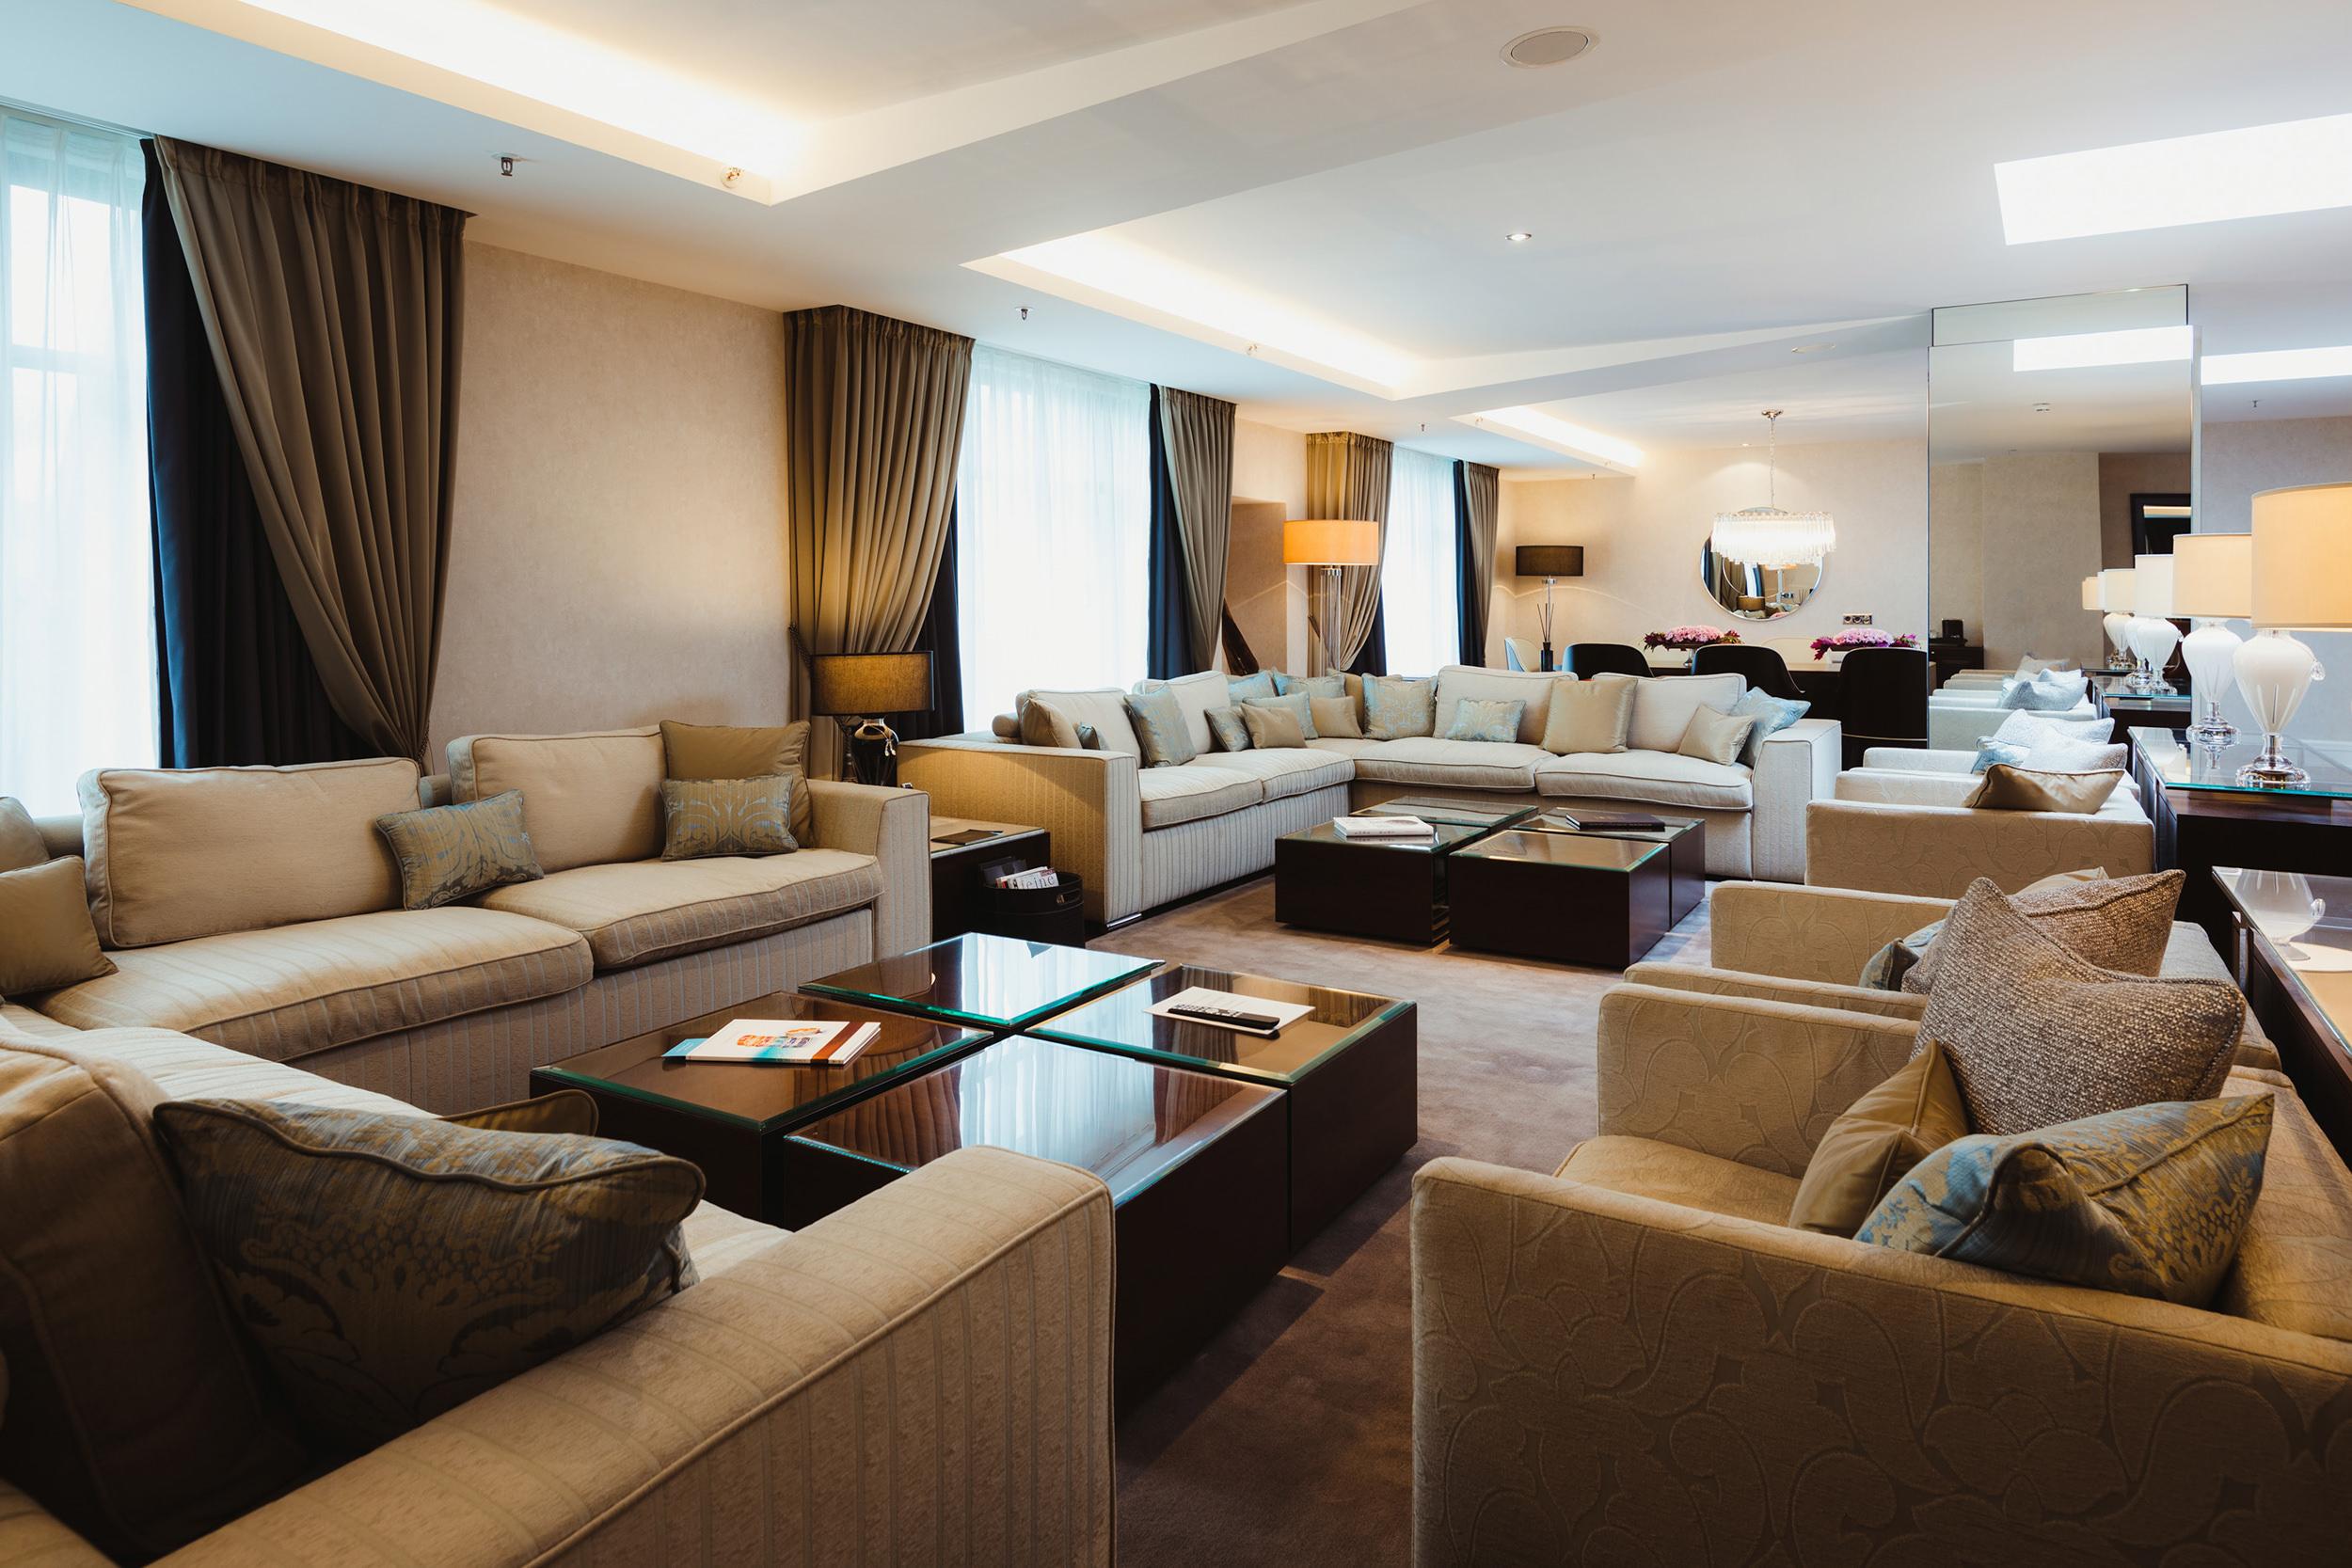 interior design 64  Interior Design